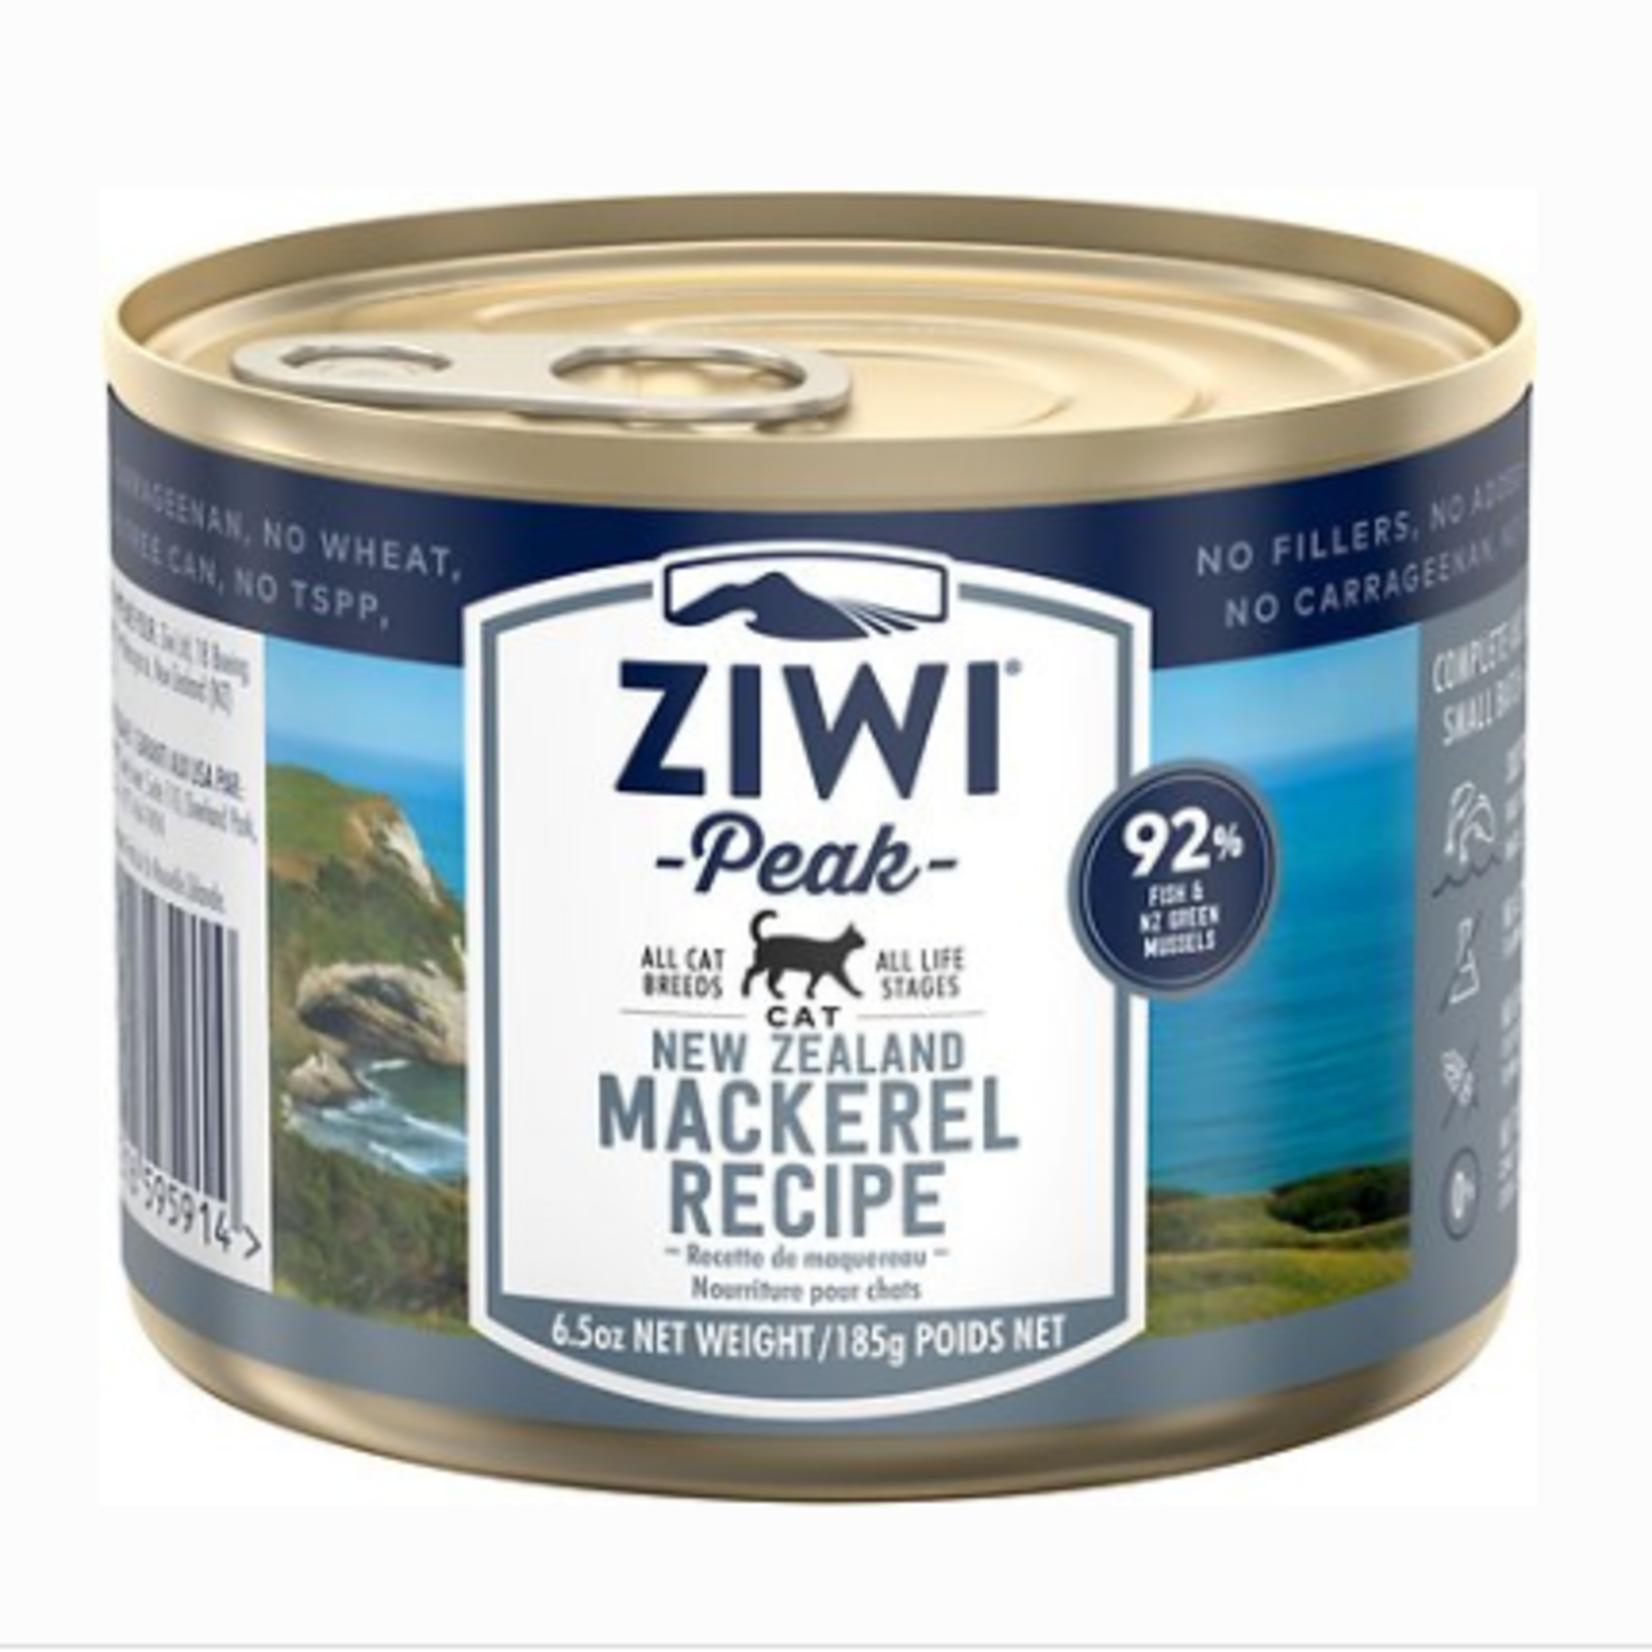 Ziwi Peak Ziwi Peak Cat Grain Free Mackerel 6.5 OZ